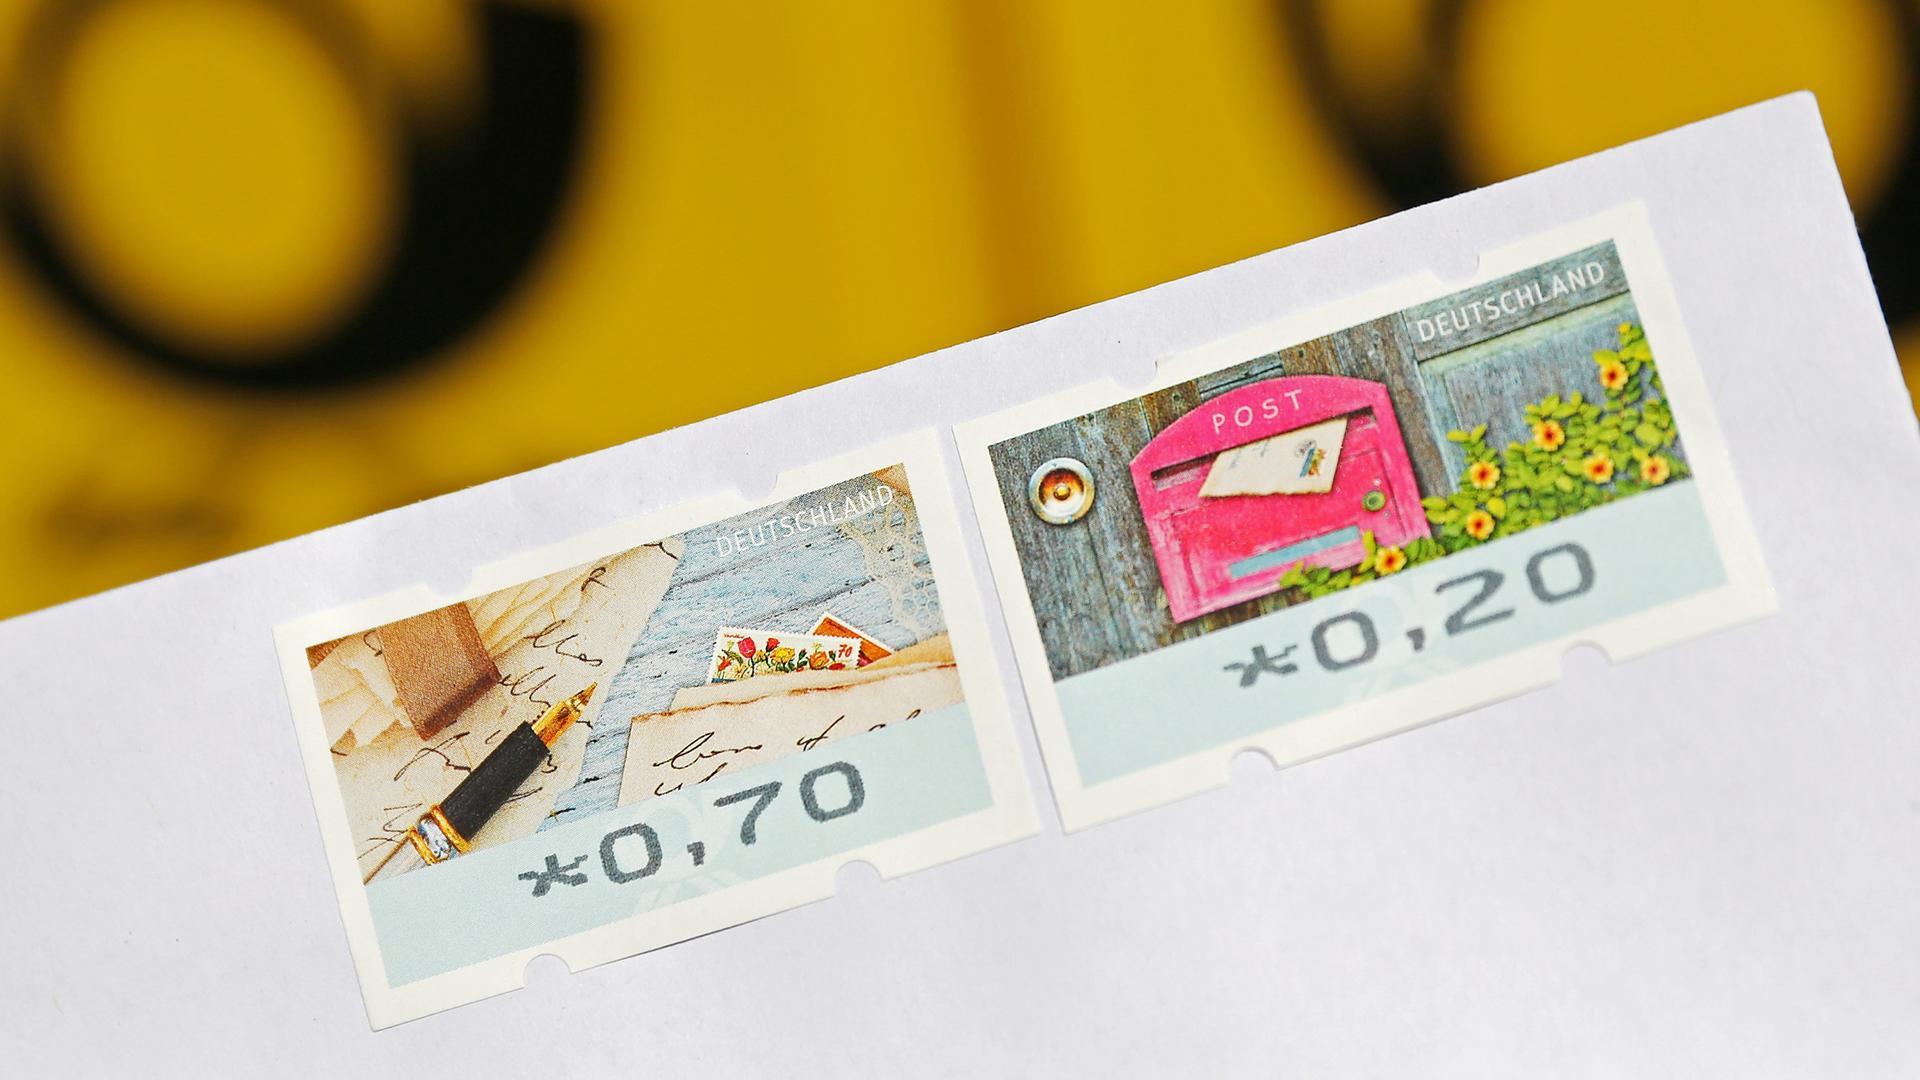 Wegen Portoerhöhung Post Rechnet Mit Weniger Briefen Zdfmediathek